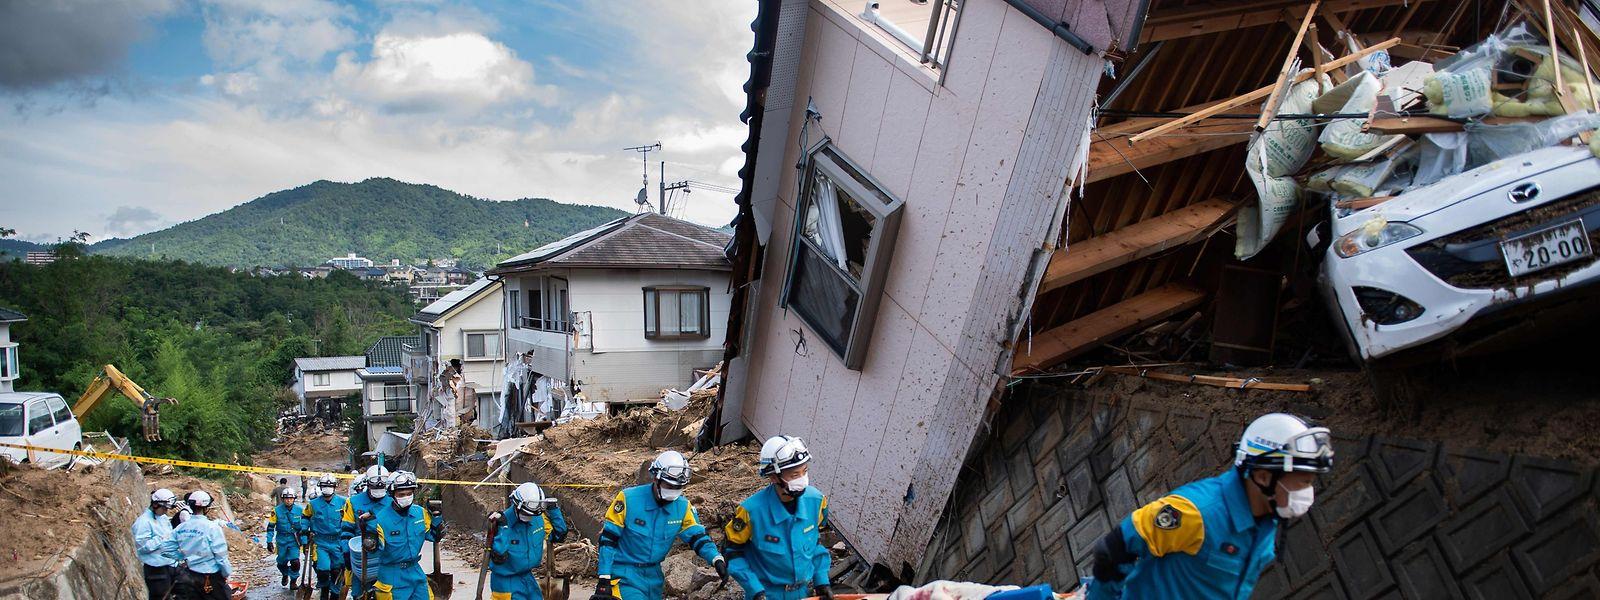 Bereits über 120 Todesopfer sind nach den schweren Unwettern zu beklagen.